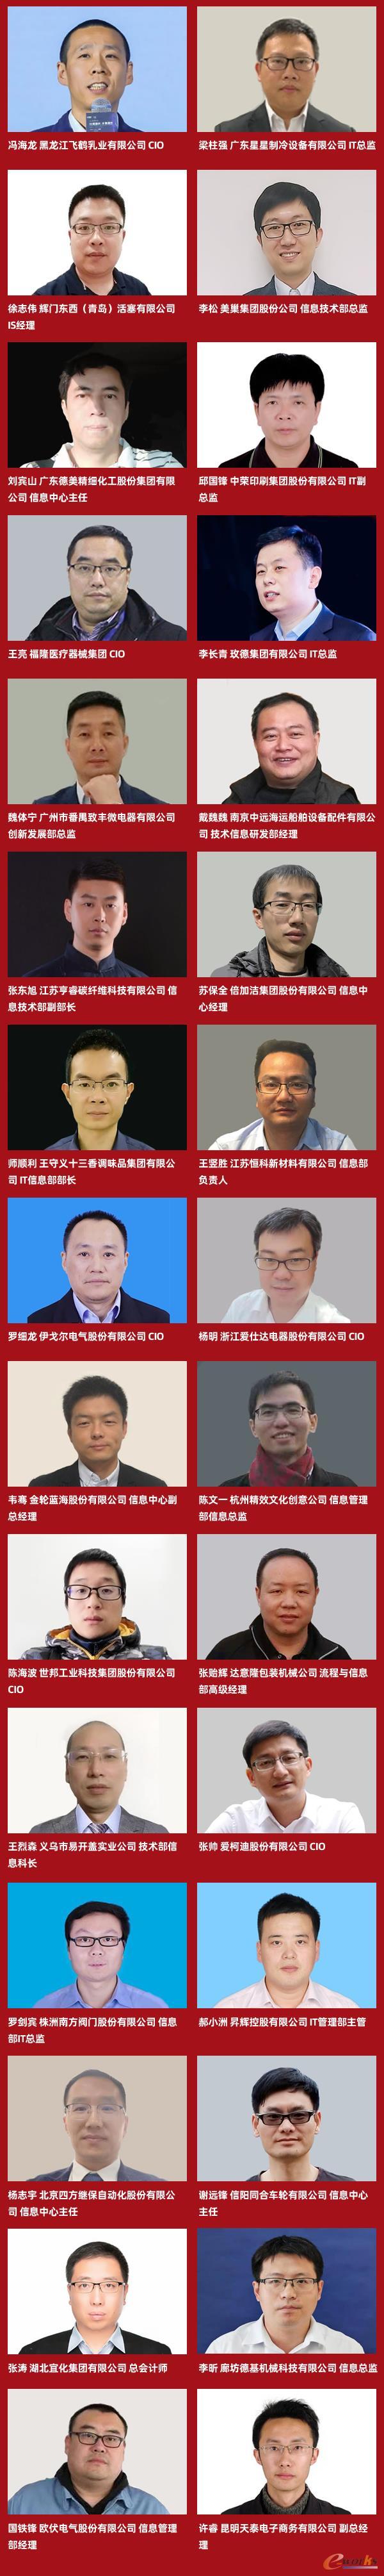 2019年度中國制造業杰出CIO